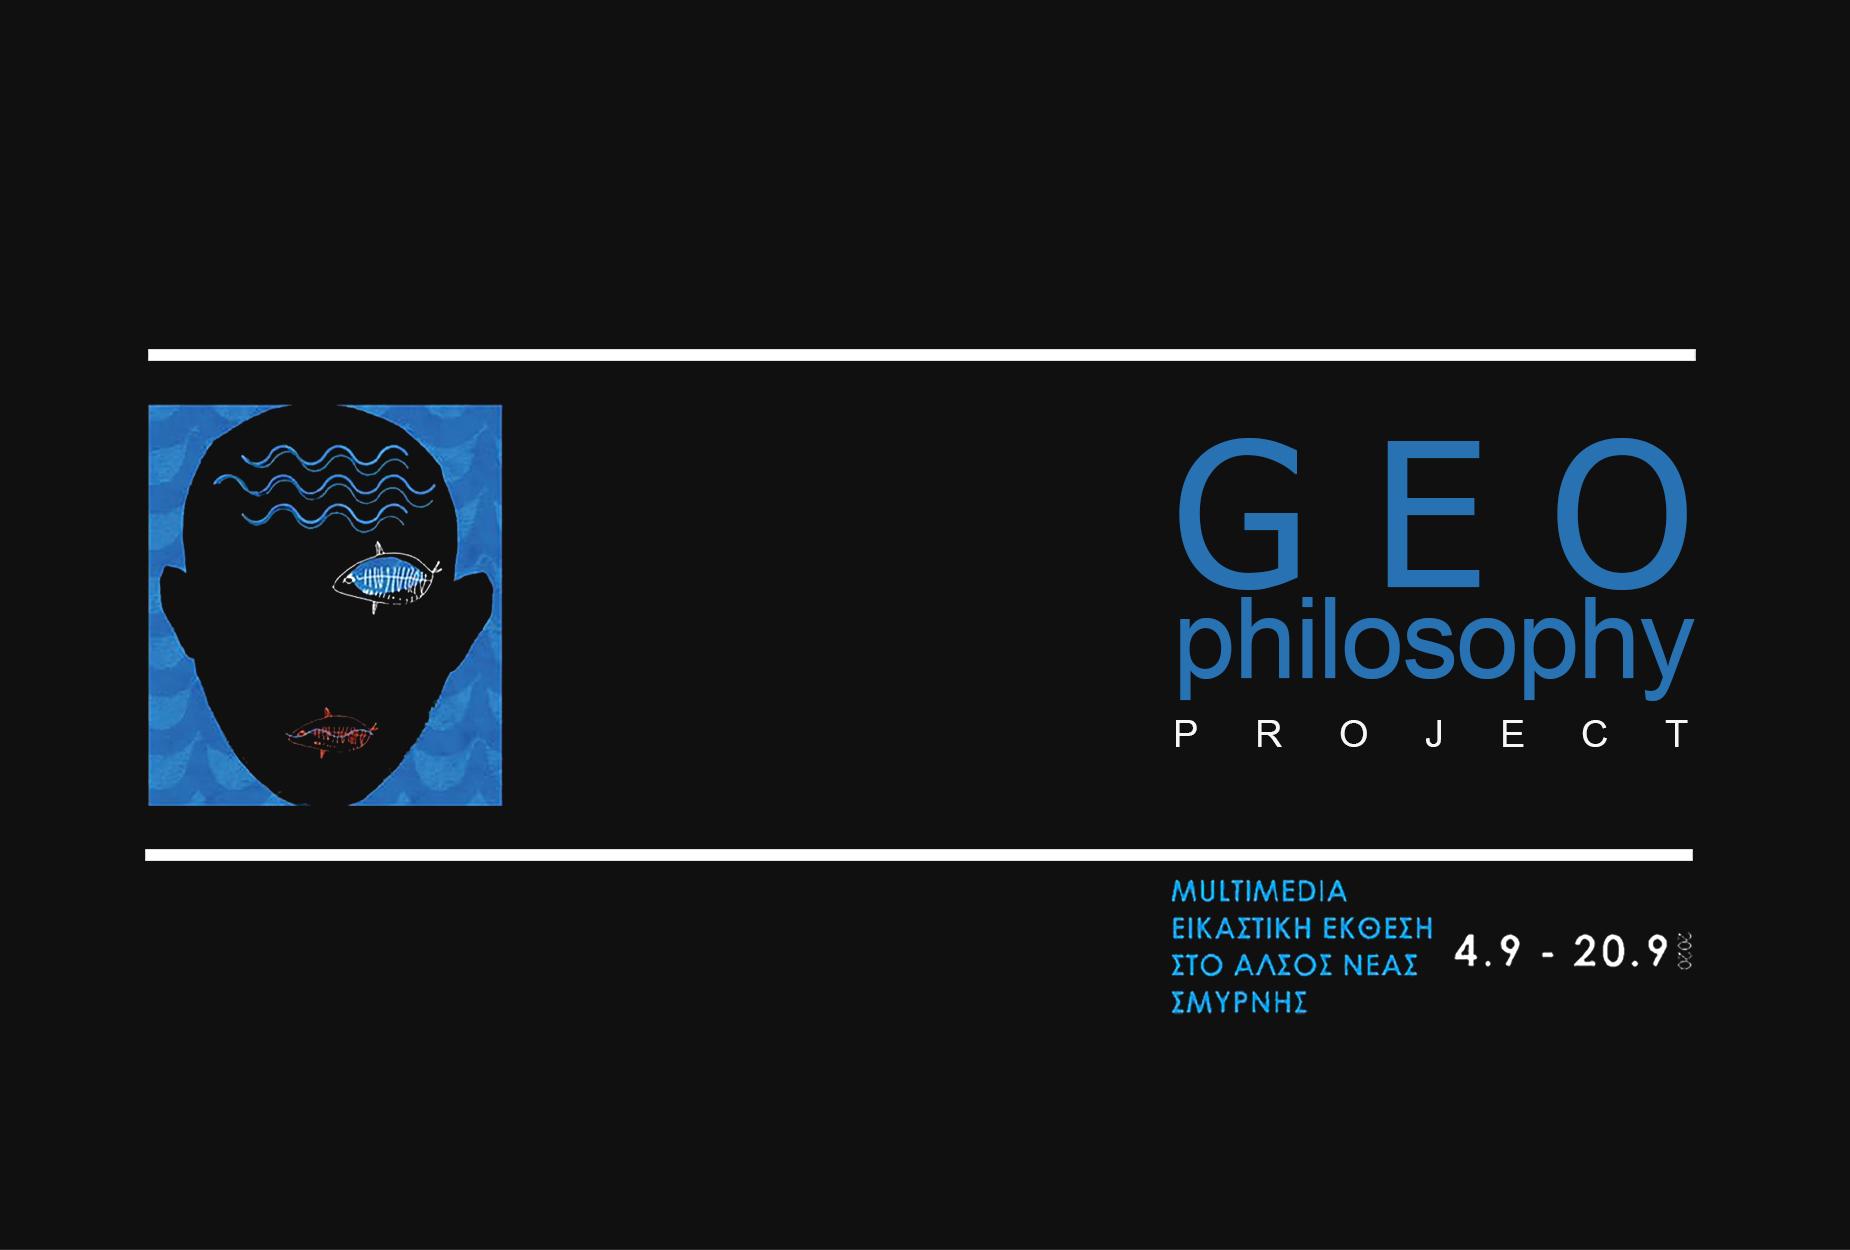 tidal flow art GEOphilosophy invitation 2